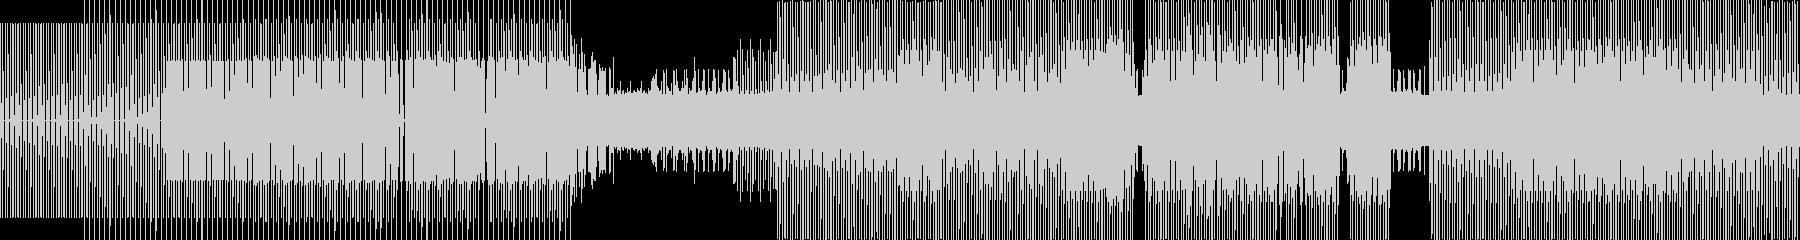 電子。非常に進歩的なリズミカルな要...の未再生の波形